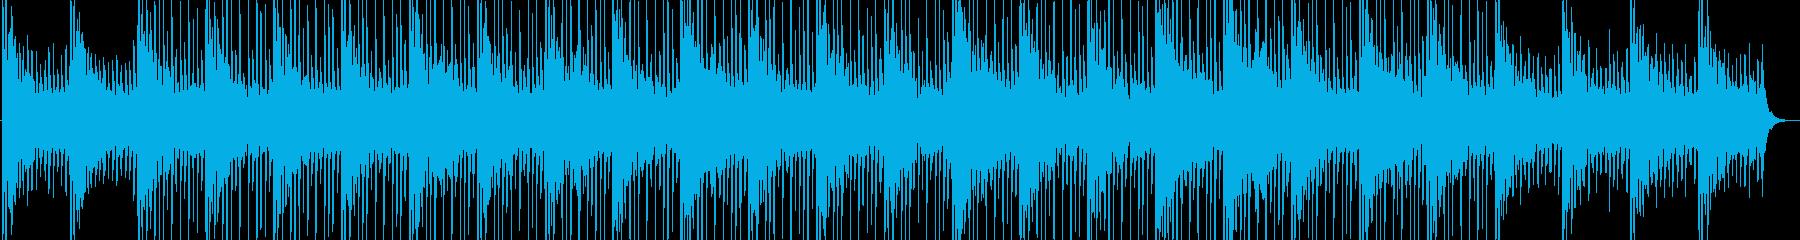 電子音のループが心地よいチルアウトの再生済みの波形